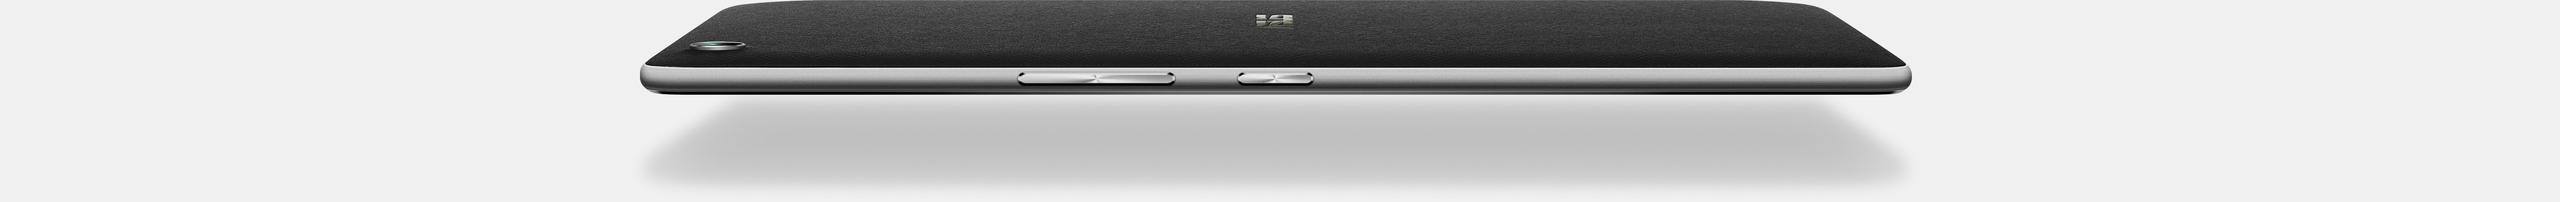 ZenPad 3 8.0 Z581KL